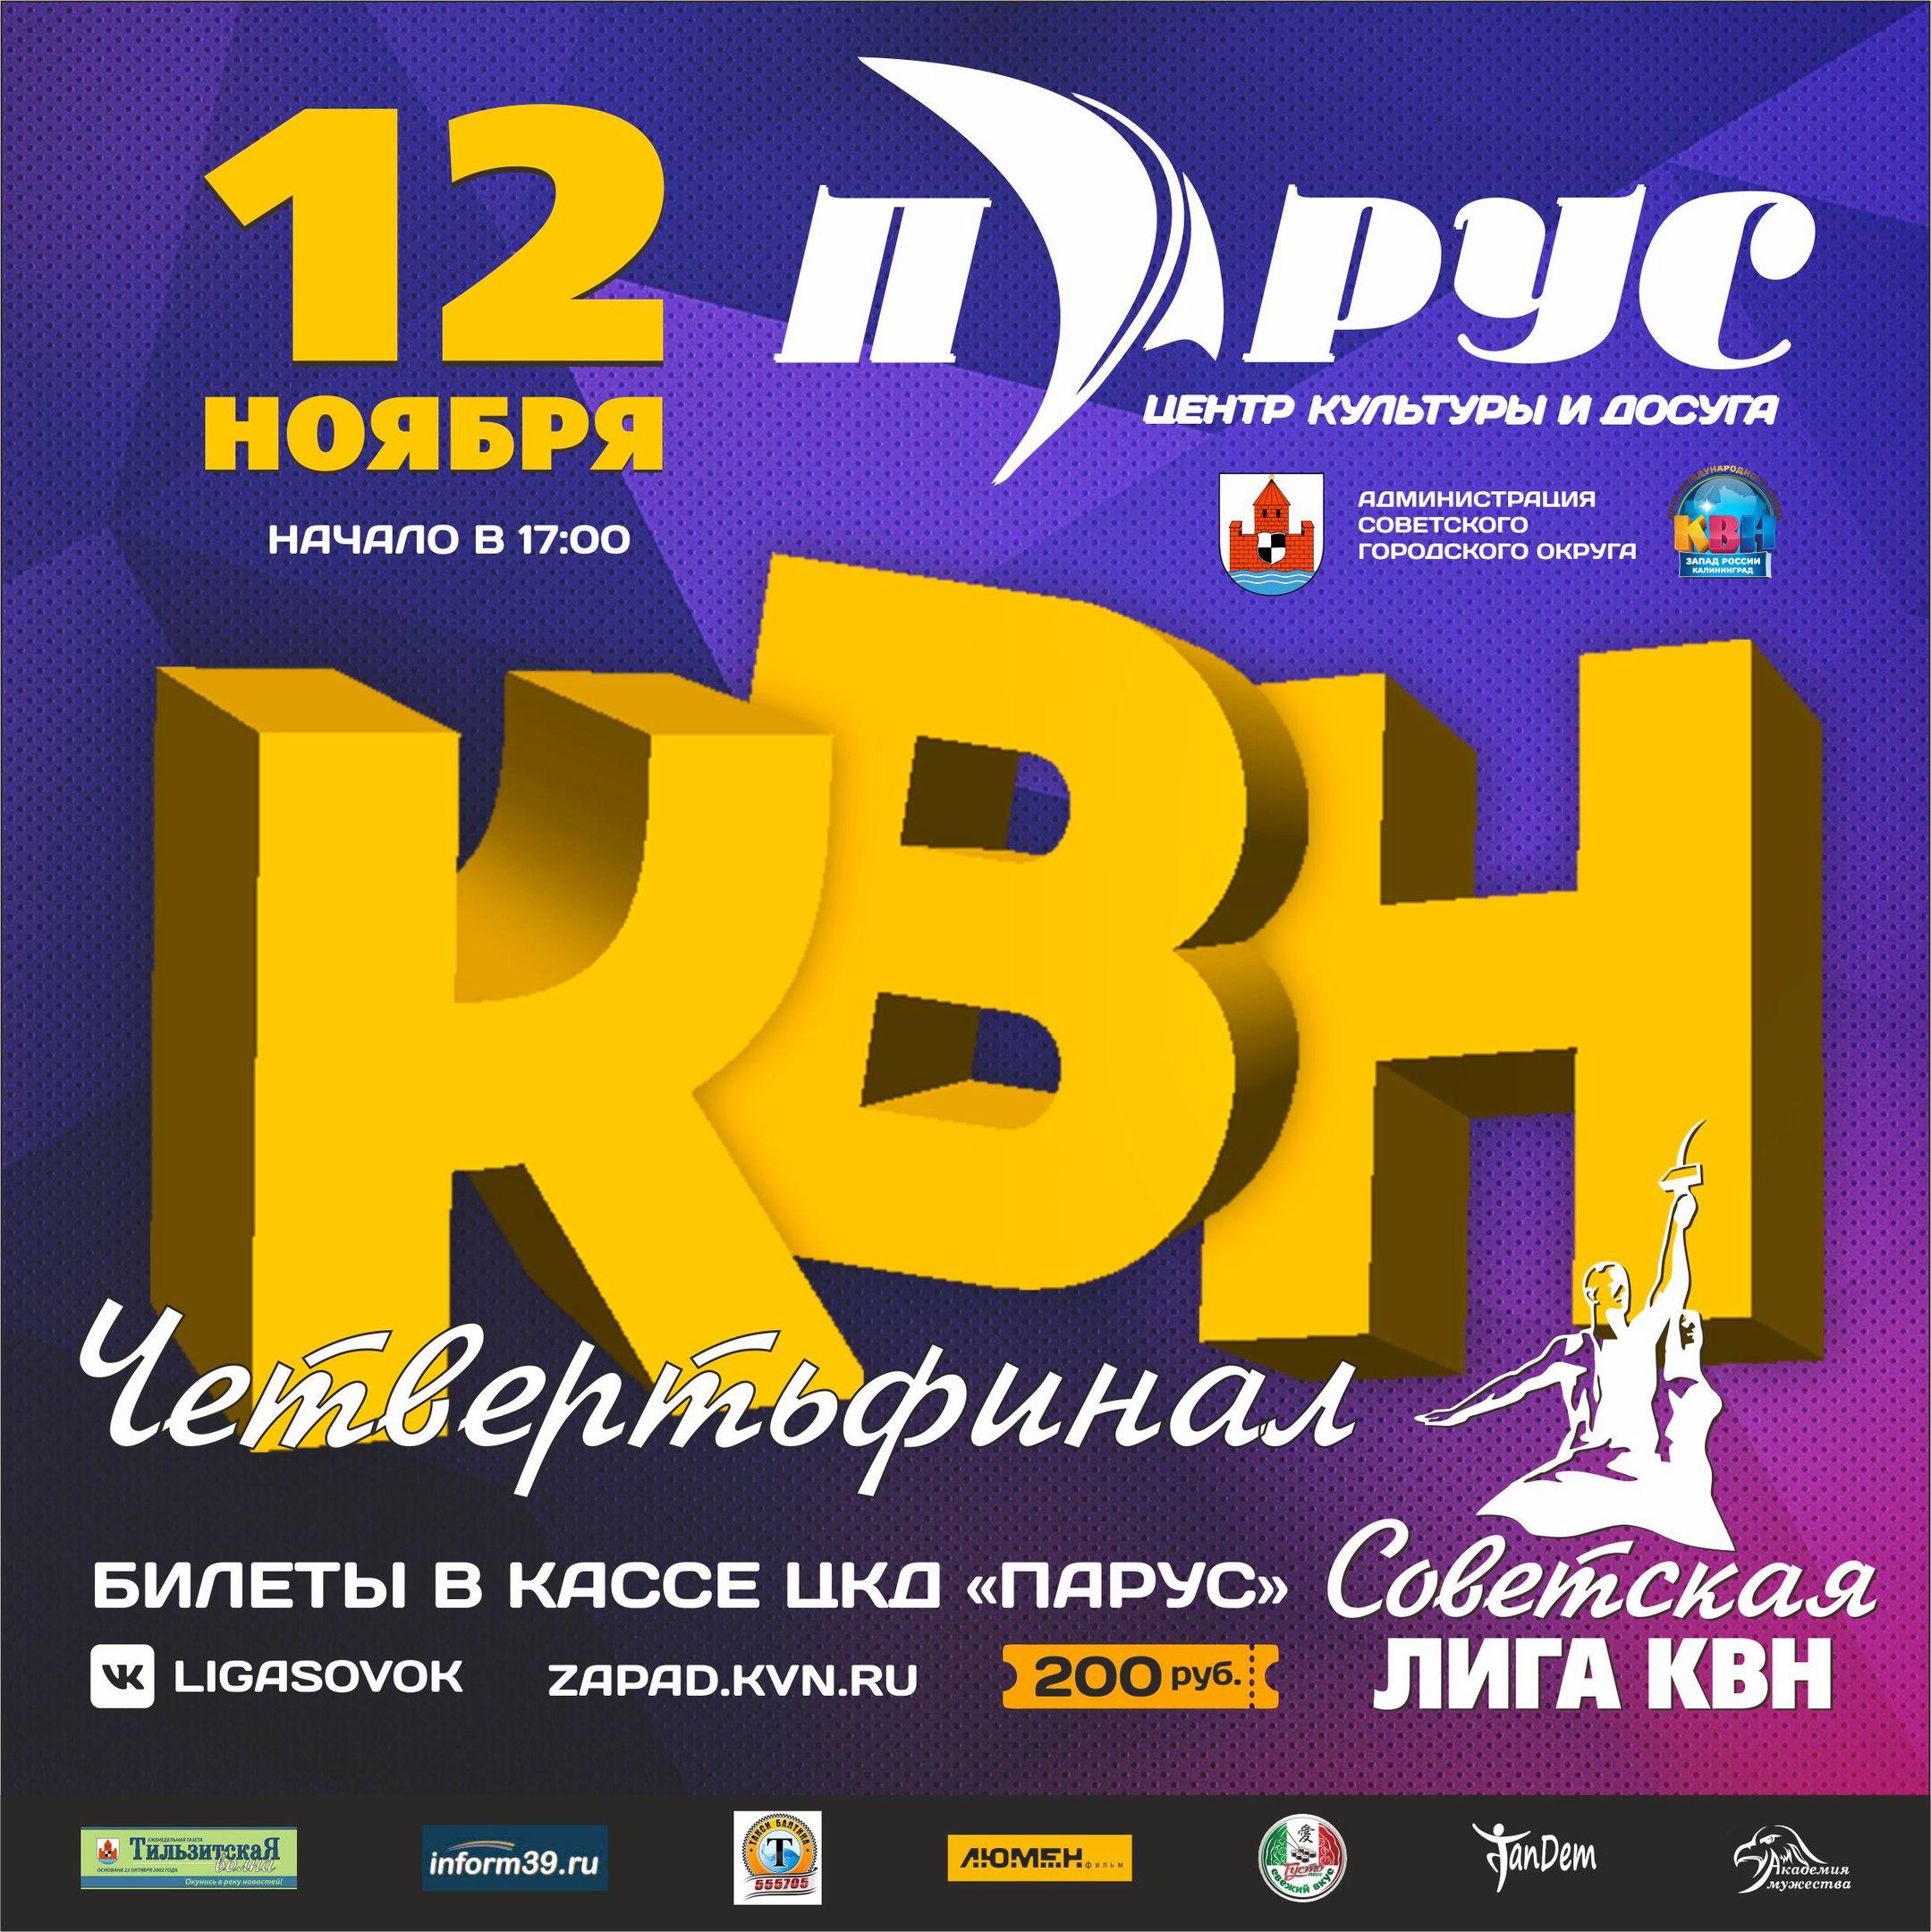 В  Калининграде вход на КВН был бесплатный, в Советске - просят 200 рублей за билет